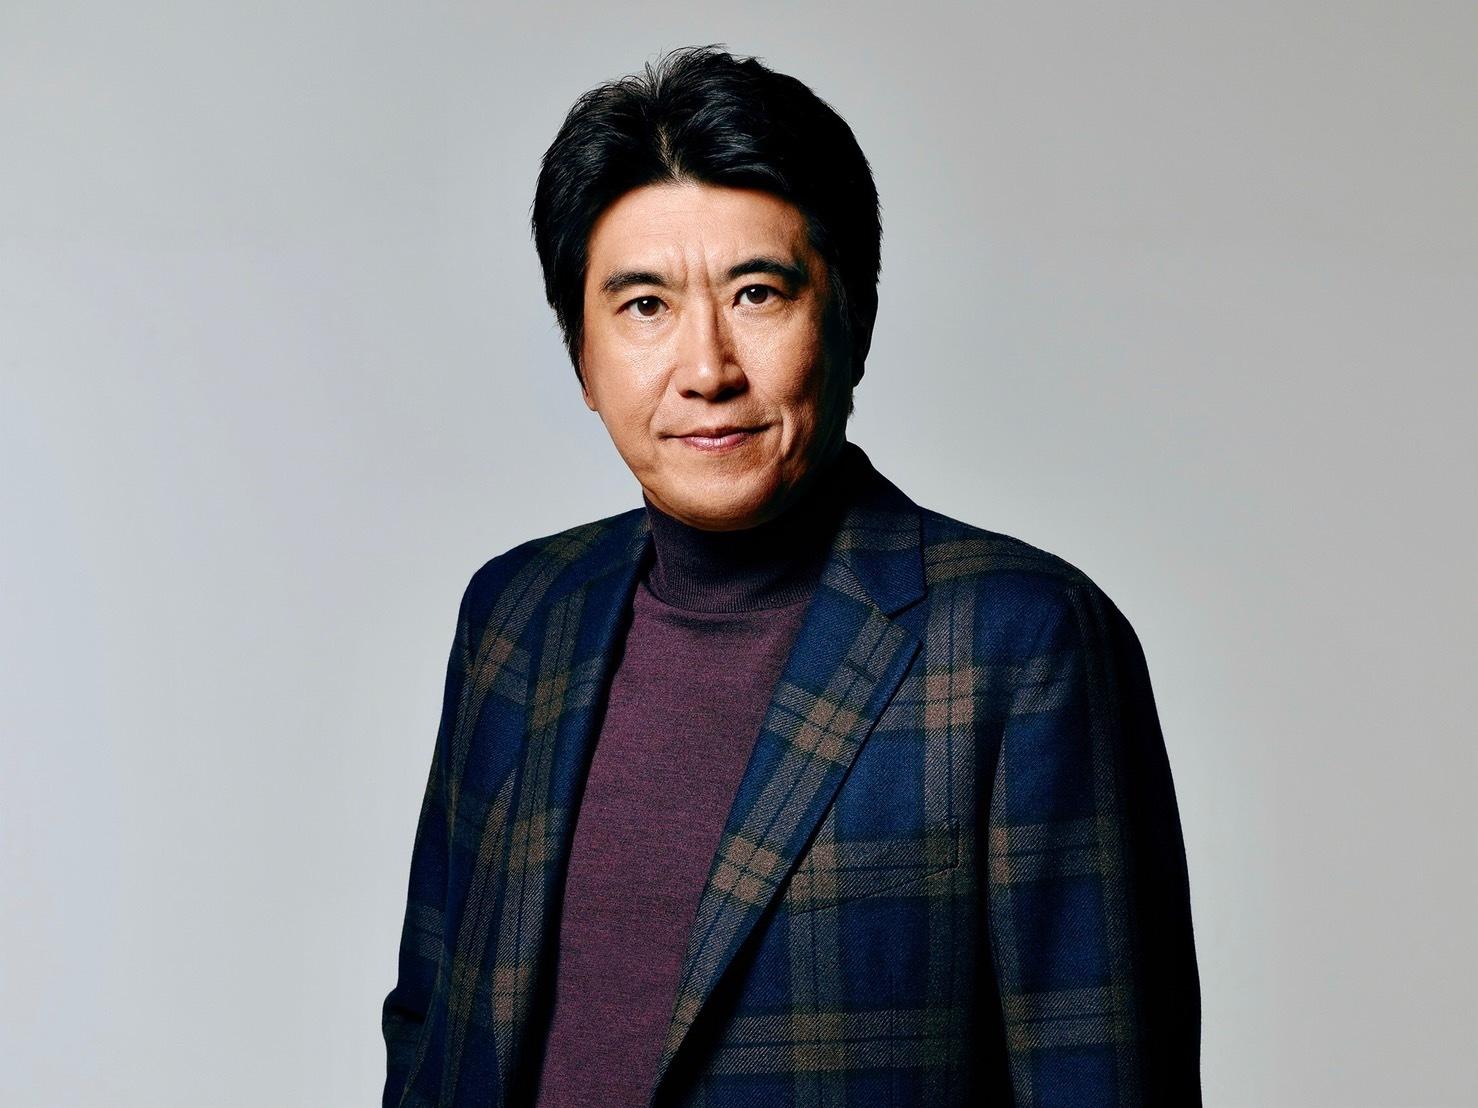 『みんなでオンライン観戦』の東北楽天ゴールデンイーグルス戦でナビゲーターを務める石橋貴明(とんねるず)